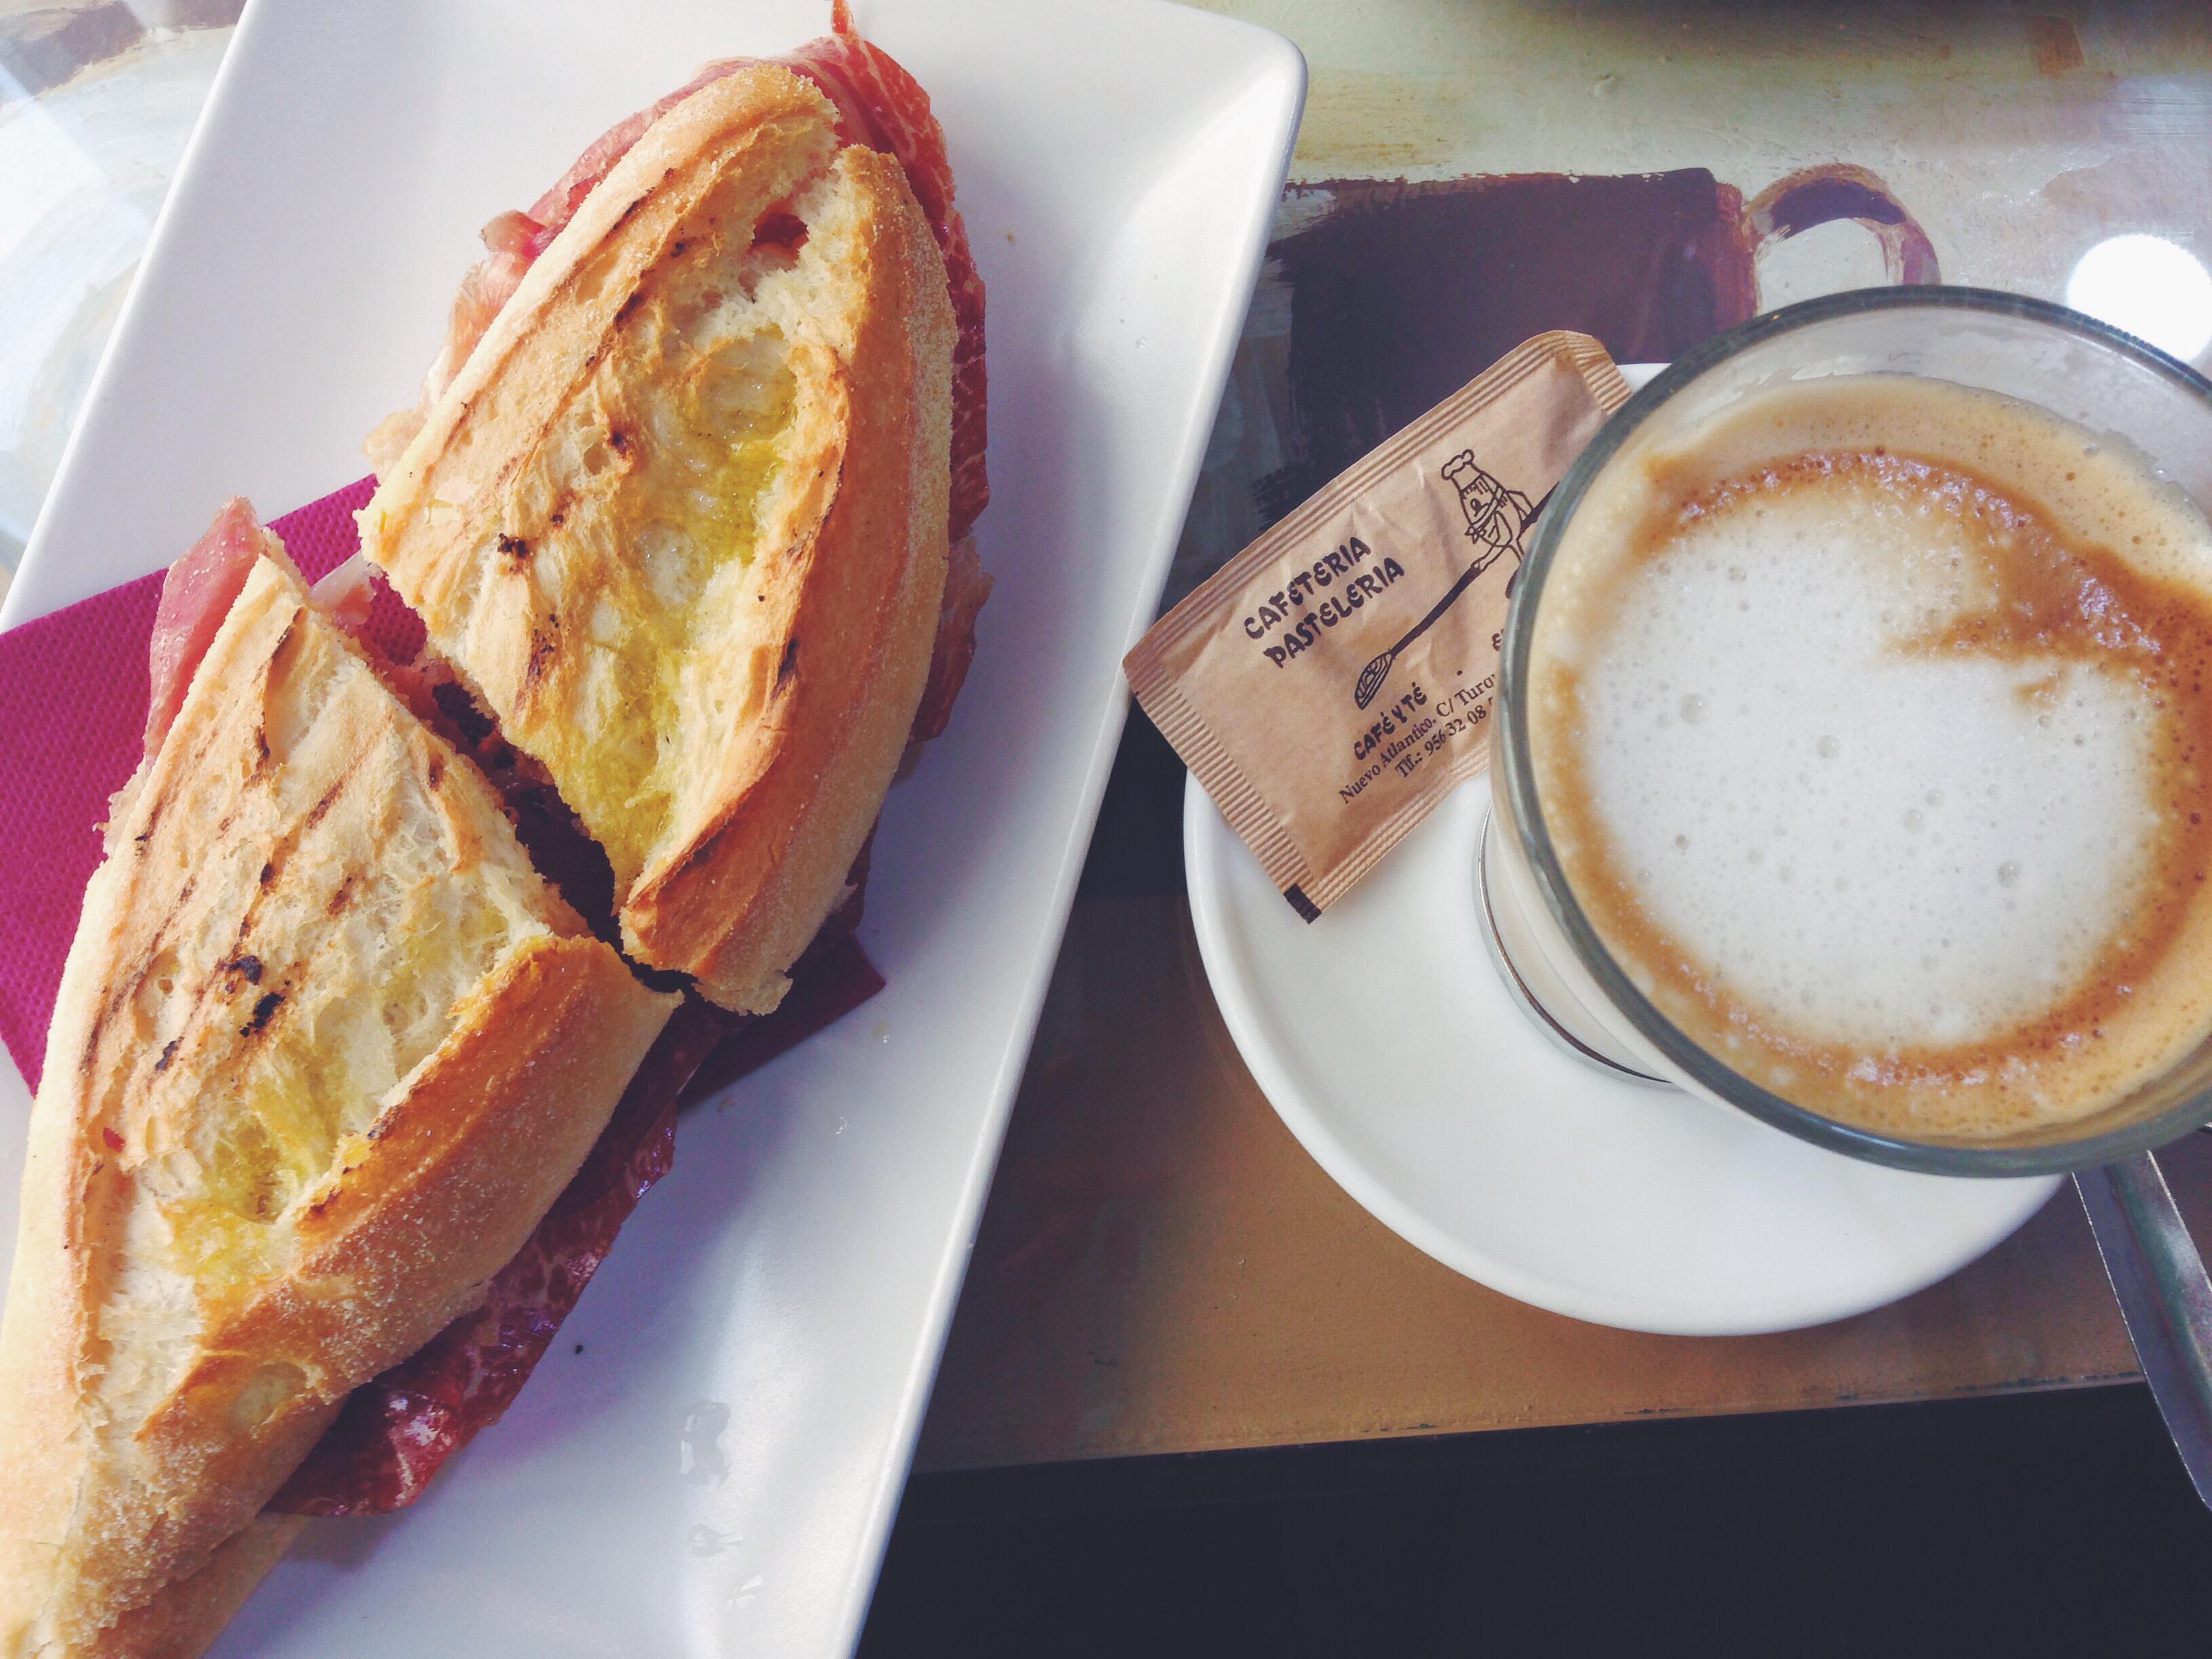 La colazione andalusa: un cafècon leche e un Montesierra con olio, salsa di pomodoro e jamon serrano